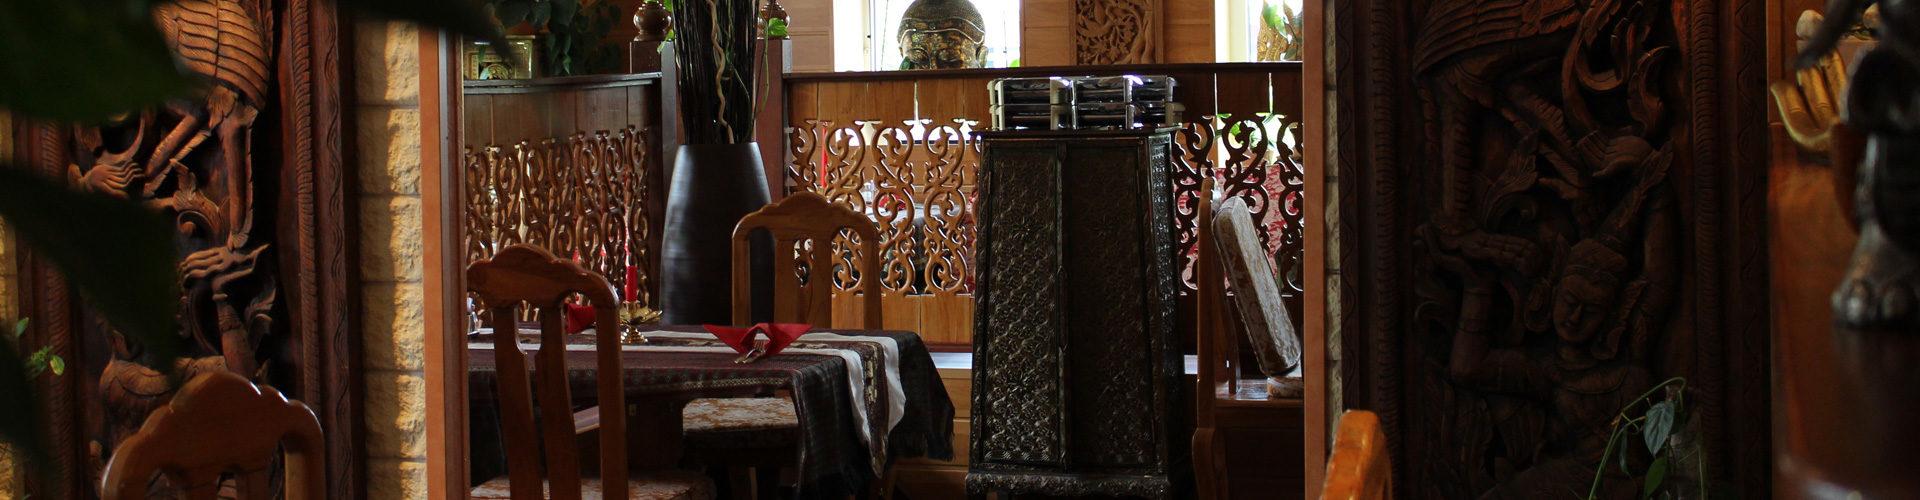 Mai Thai thailändisches Spezialitäten Restaurant in Weißenhorn